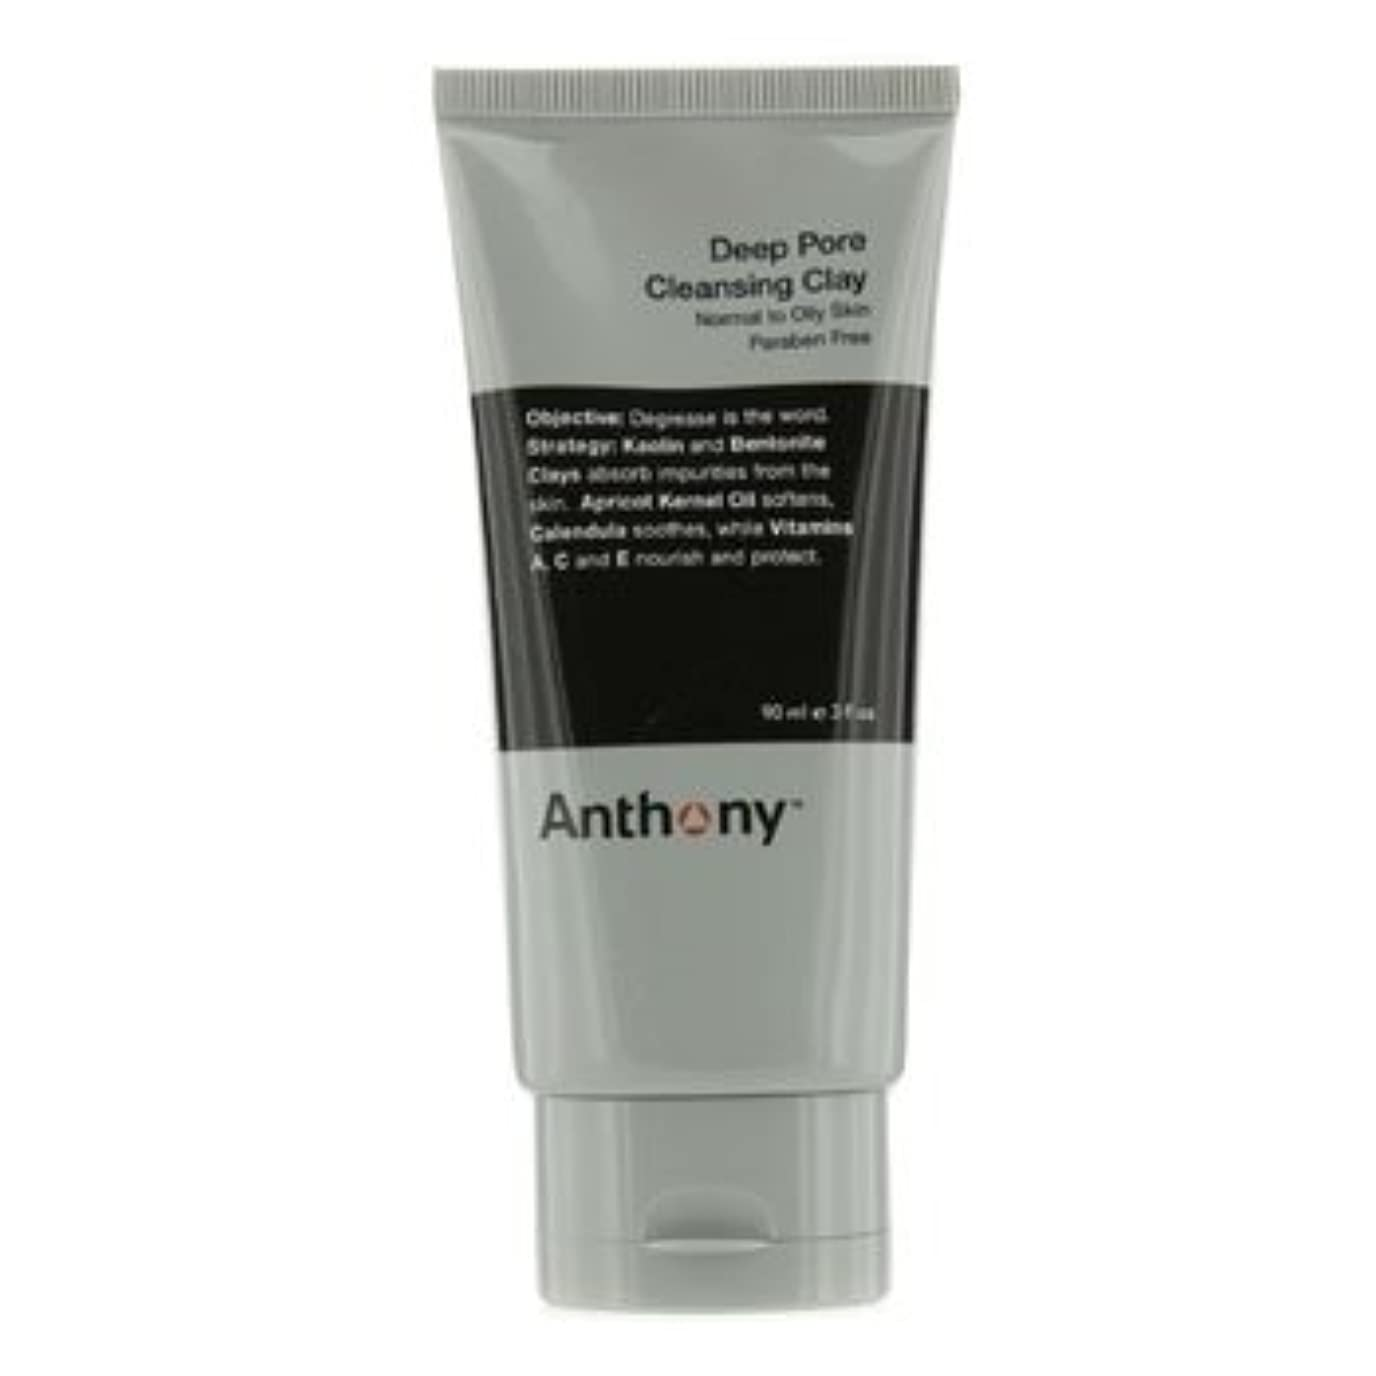 支出戻すアレルギーアンソニー Logistics For Men Deep Pore クレンジング Clay (Normal To Oily Skin) 90g [並行輸入品][海外直送品]